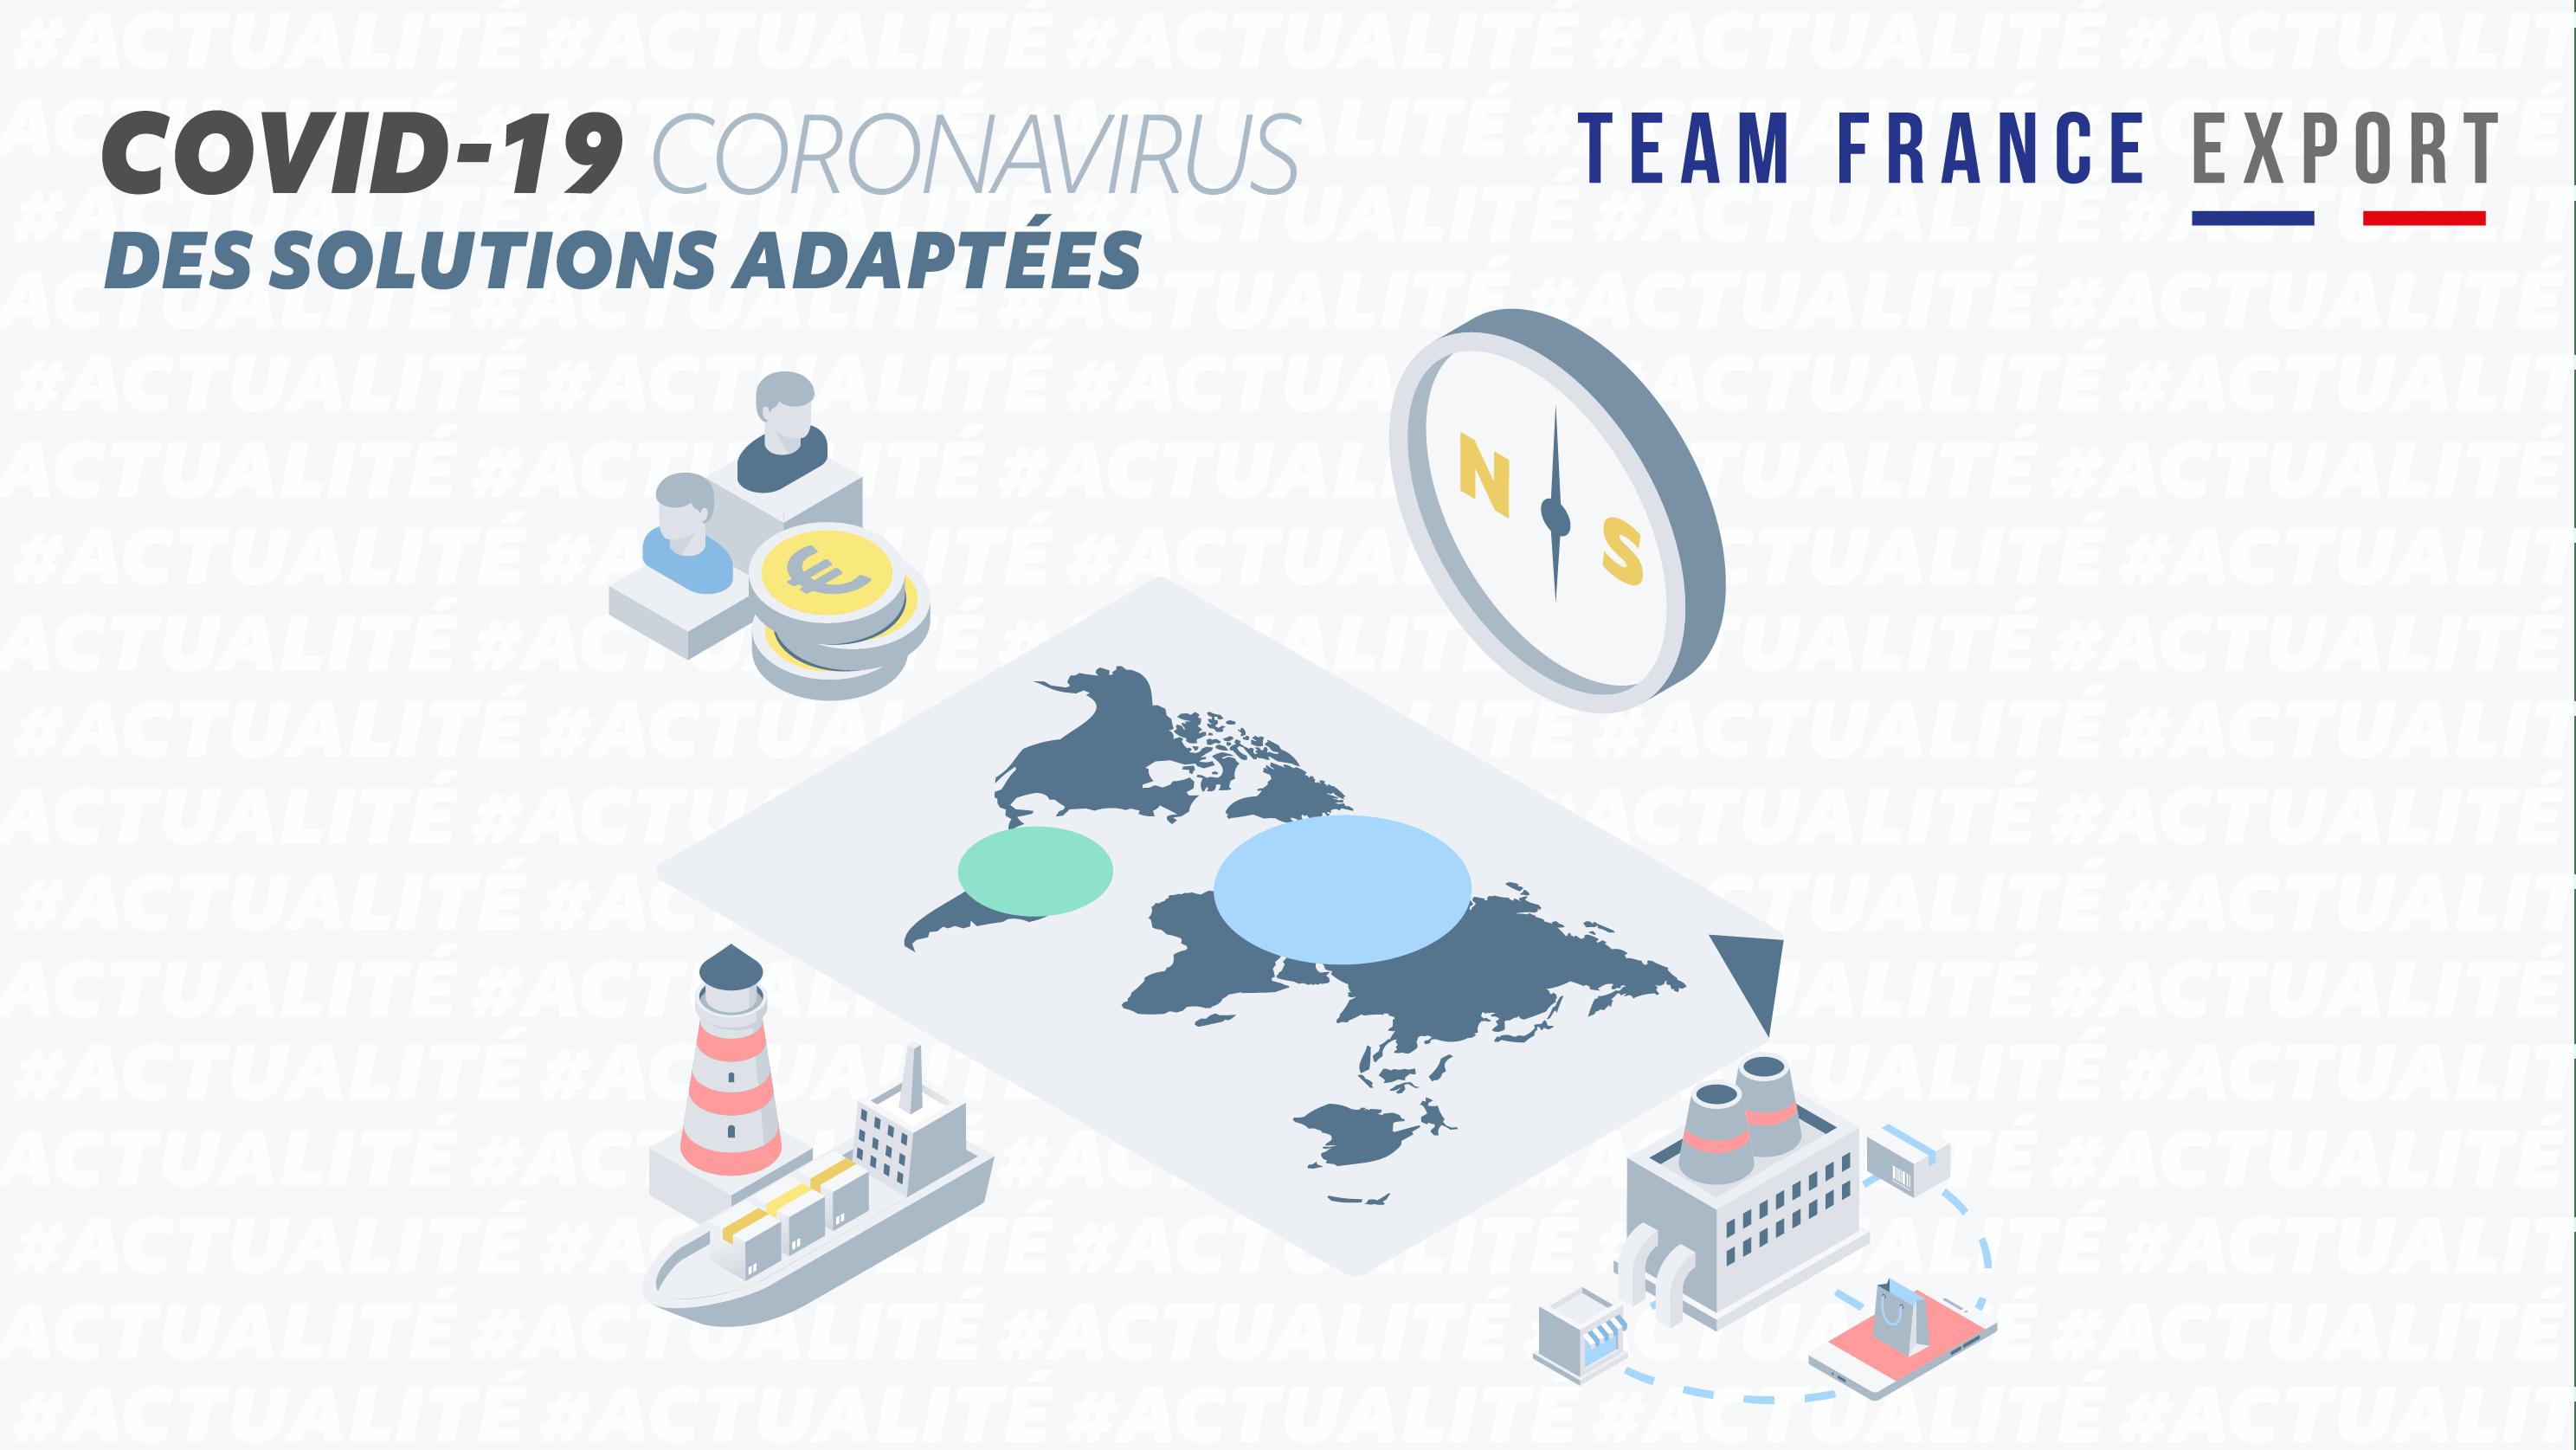 Tout l'écosystème de la TEAM FRANCE EXPORT mobilisé aux côtés des entreprises françaises